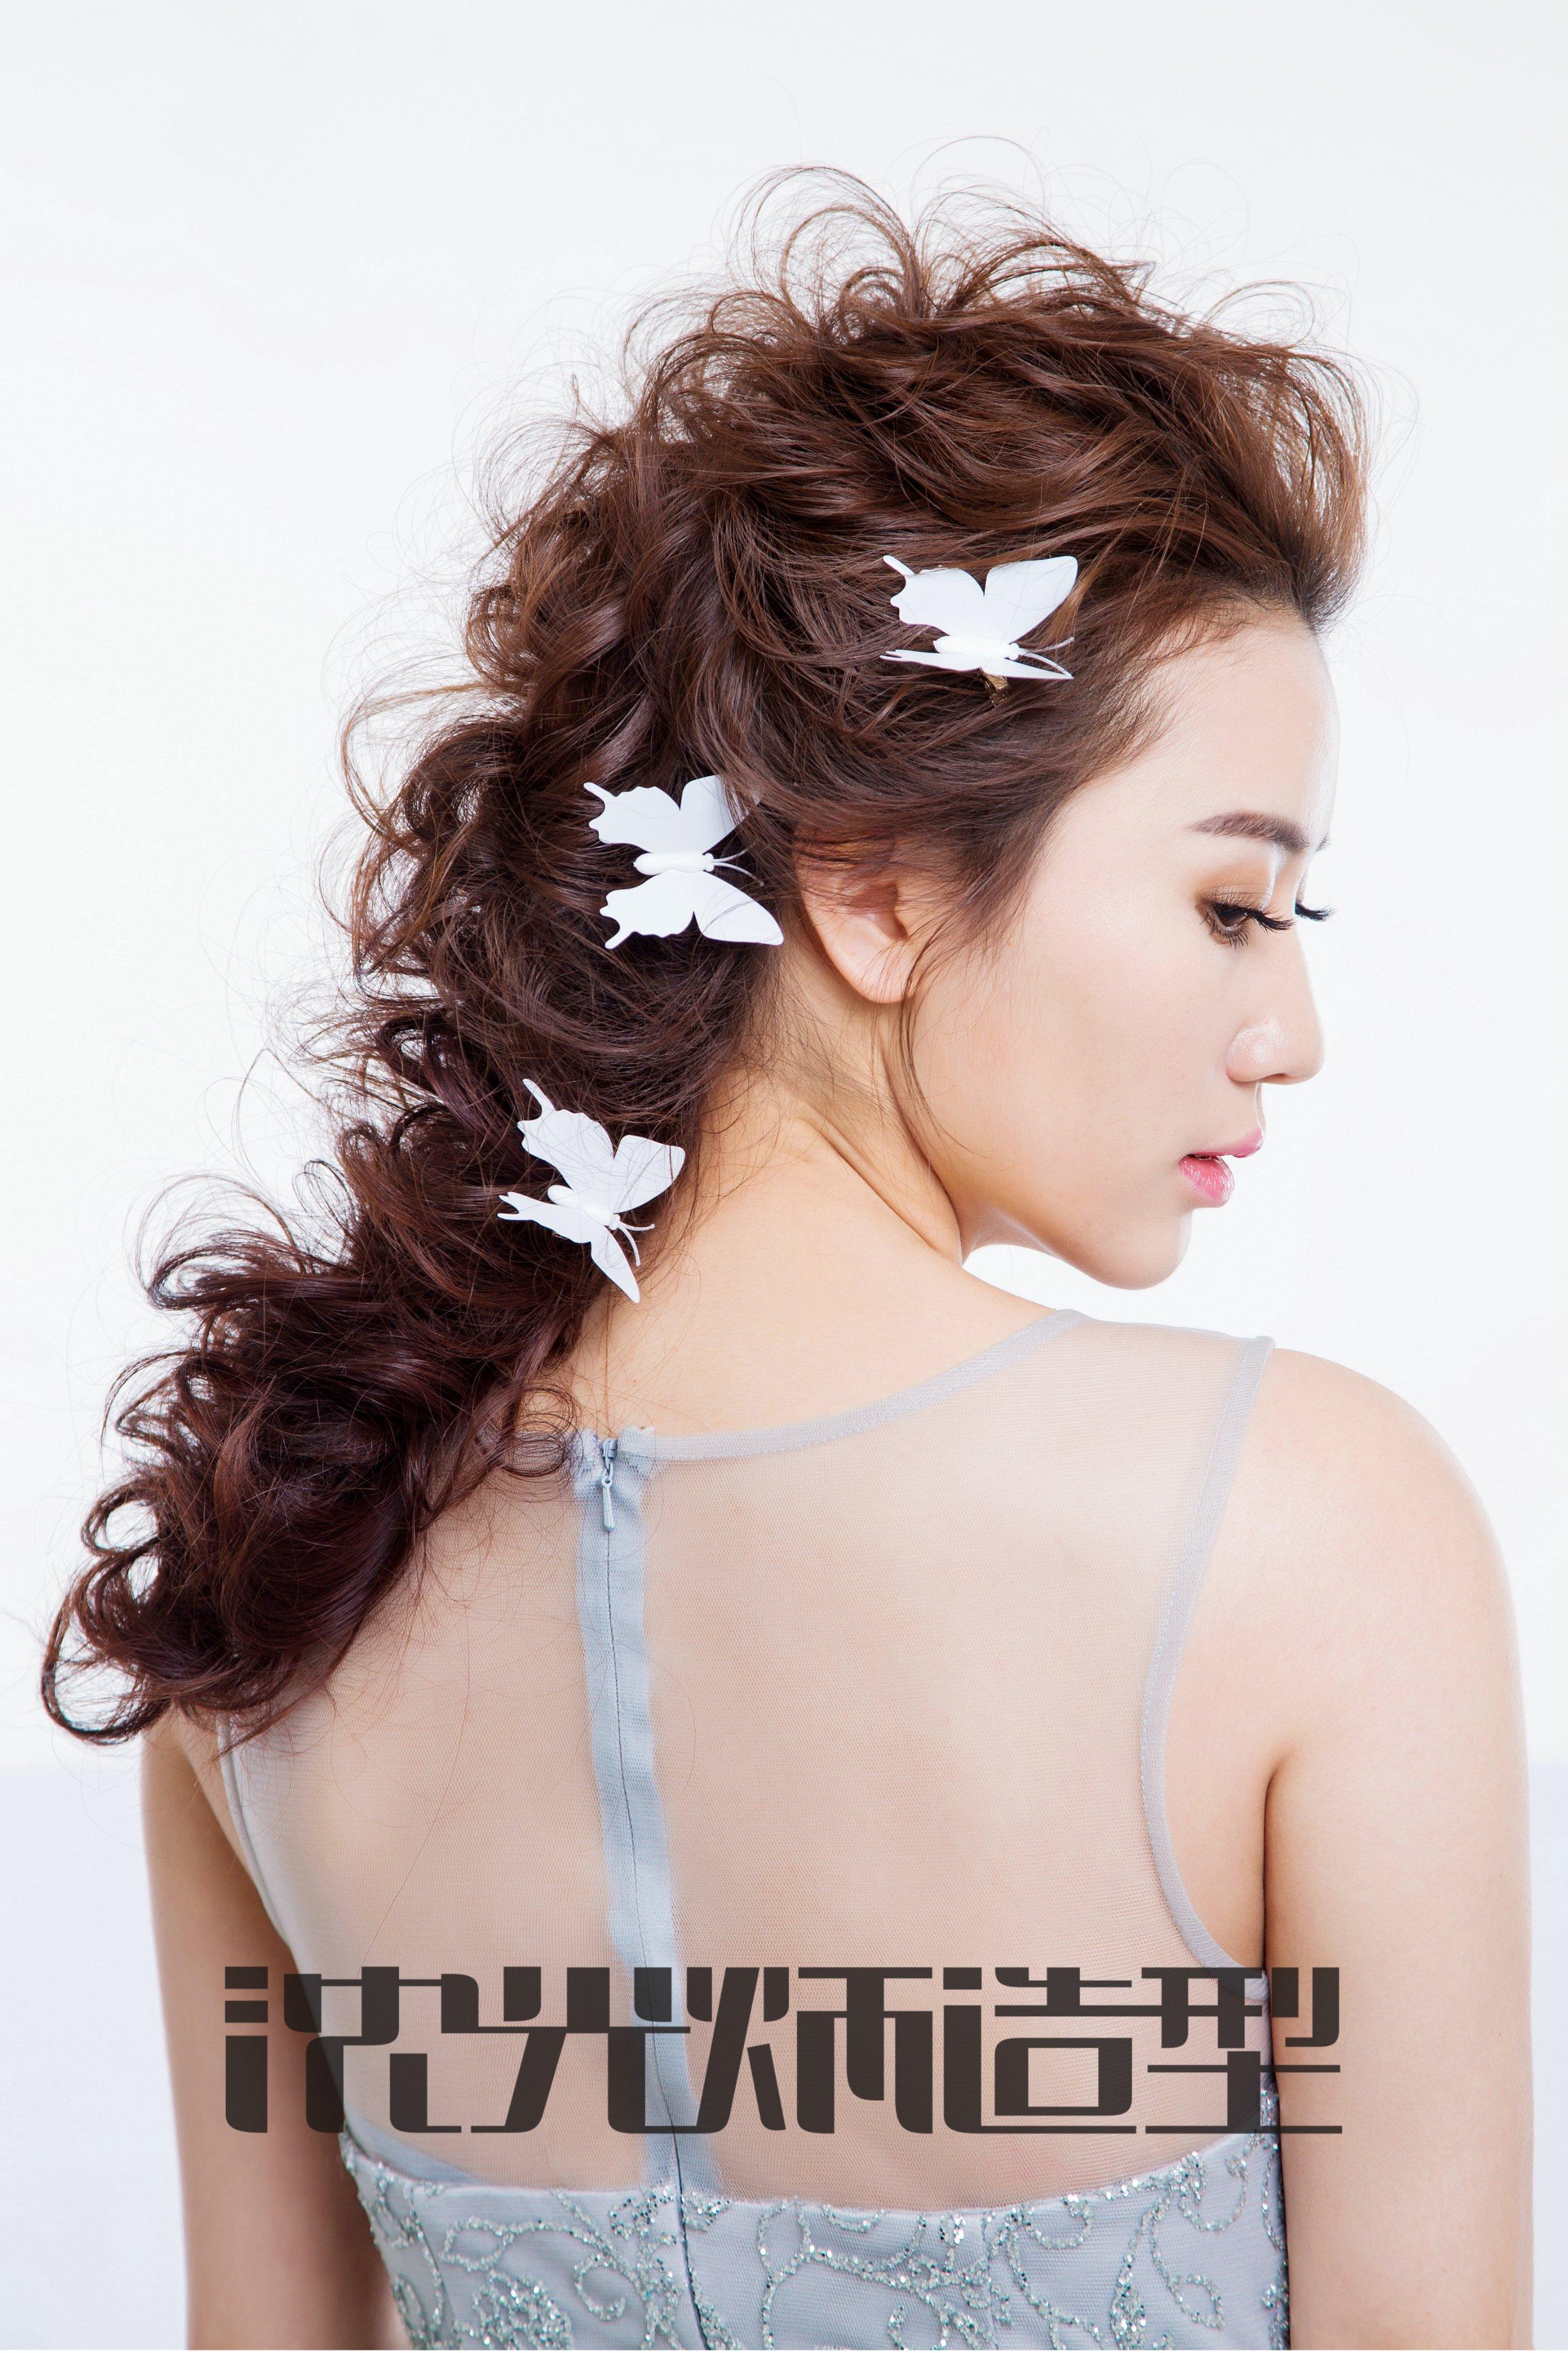 2018年流行新娘造型,韩式新娘发型特点图集图片